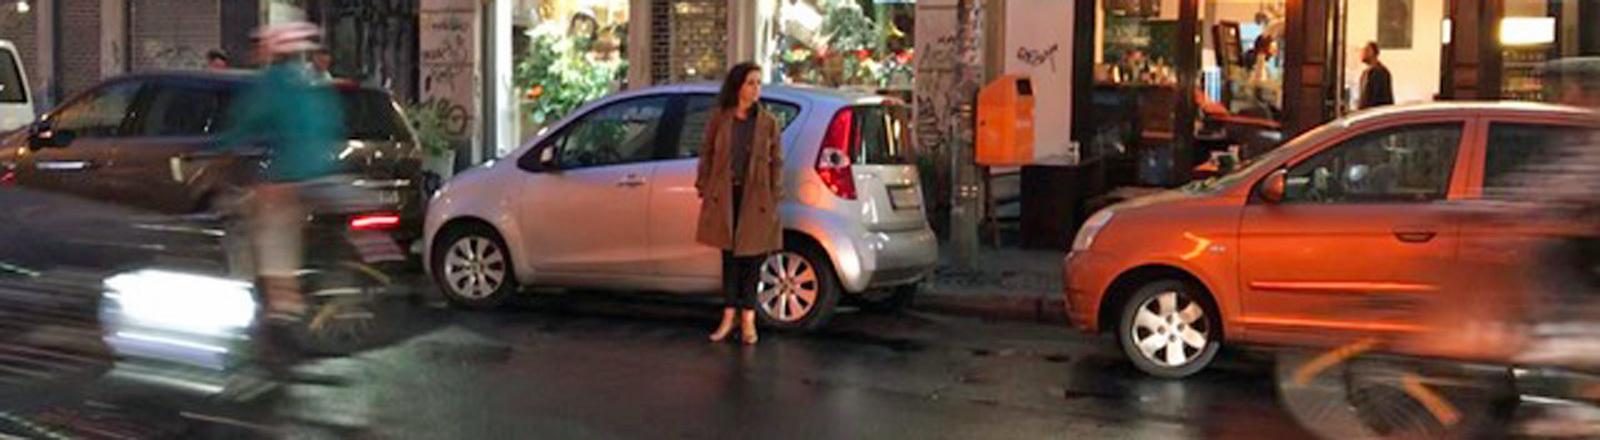 Katharina Kühn wartet auf ein Taxi - in diesem Fall auf einen Berlkönig.